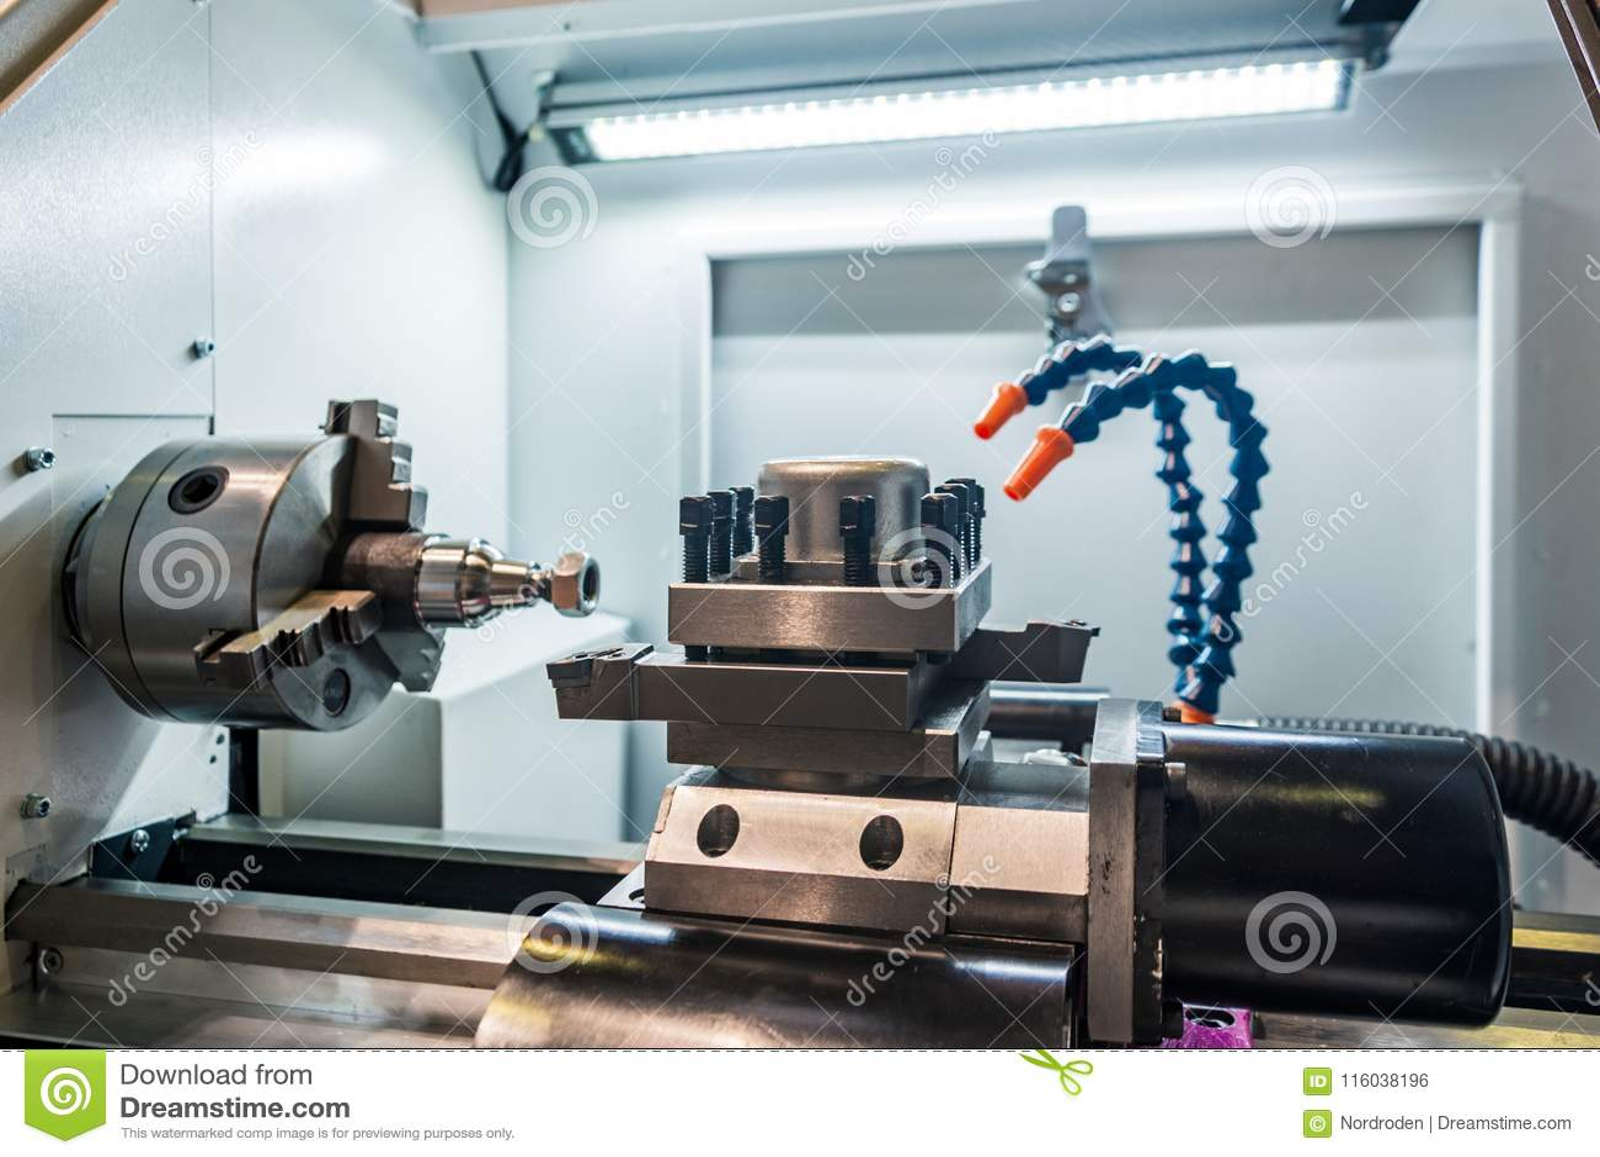 Space manufacture metal-cutting machines